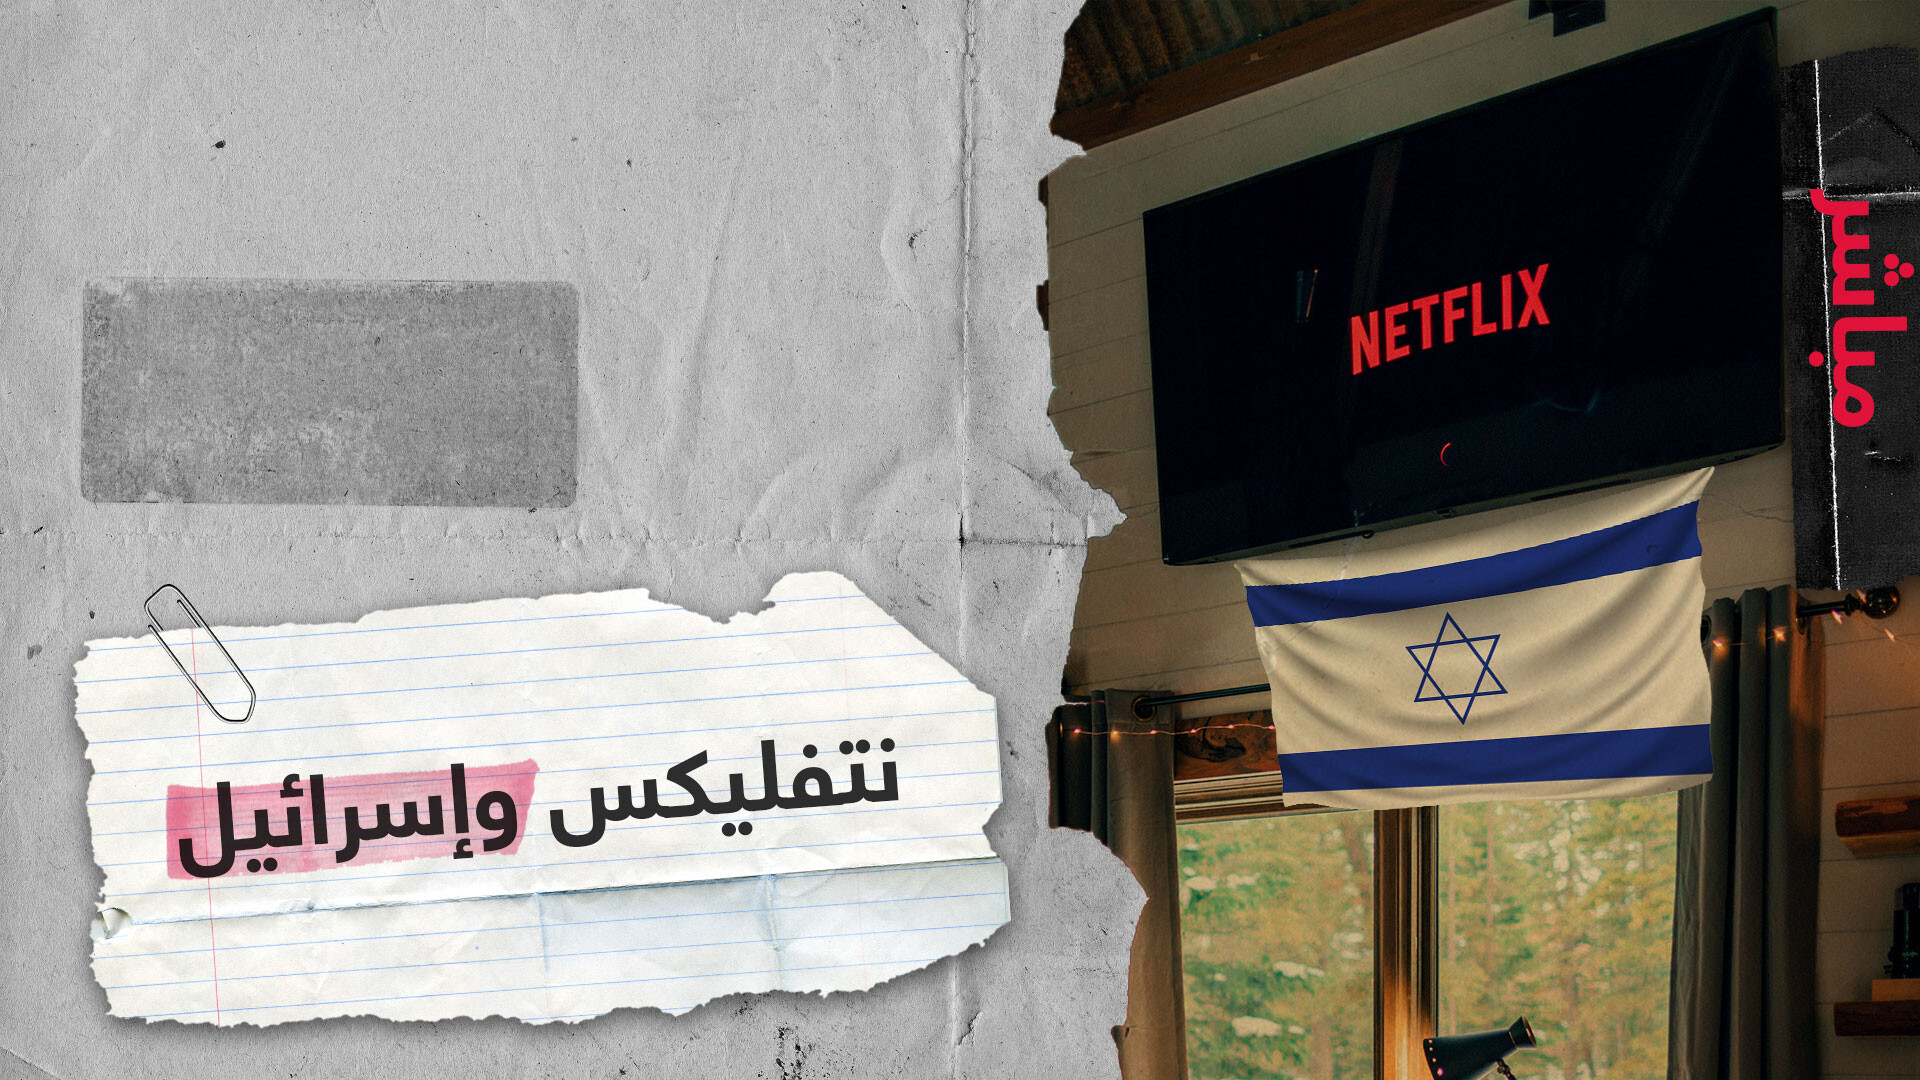 """بـ""""جاسوس سوريا"""" و""""ملاك إسرائيل"""" و""""جن الأردن"""" نتفليكس تواجه انتقادات بالانحياز وعدم الموضوعية"""